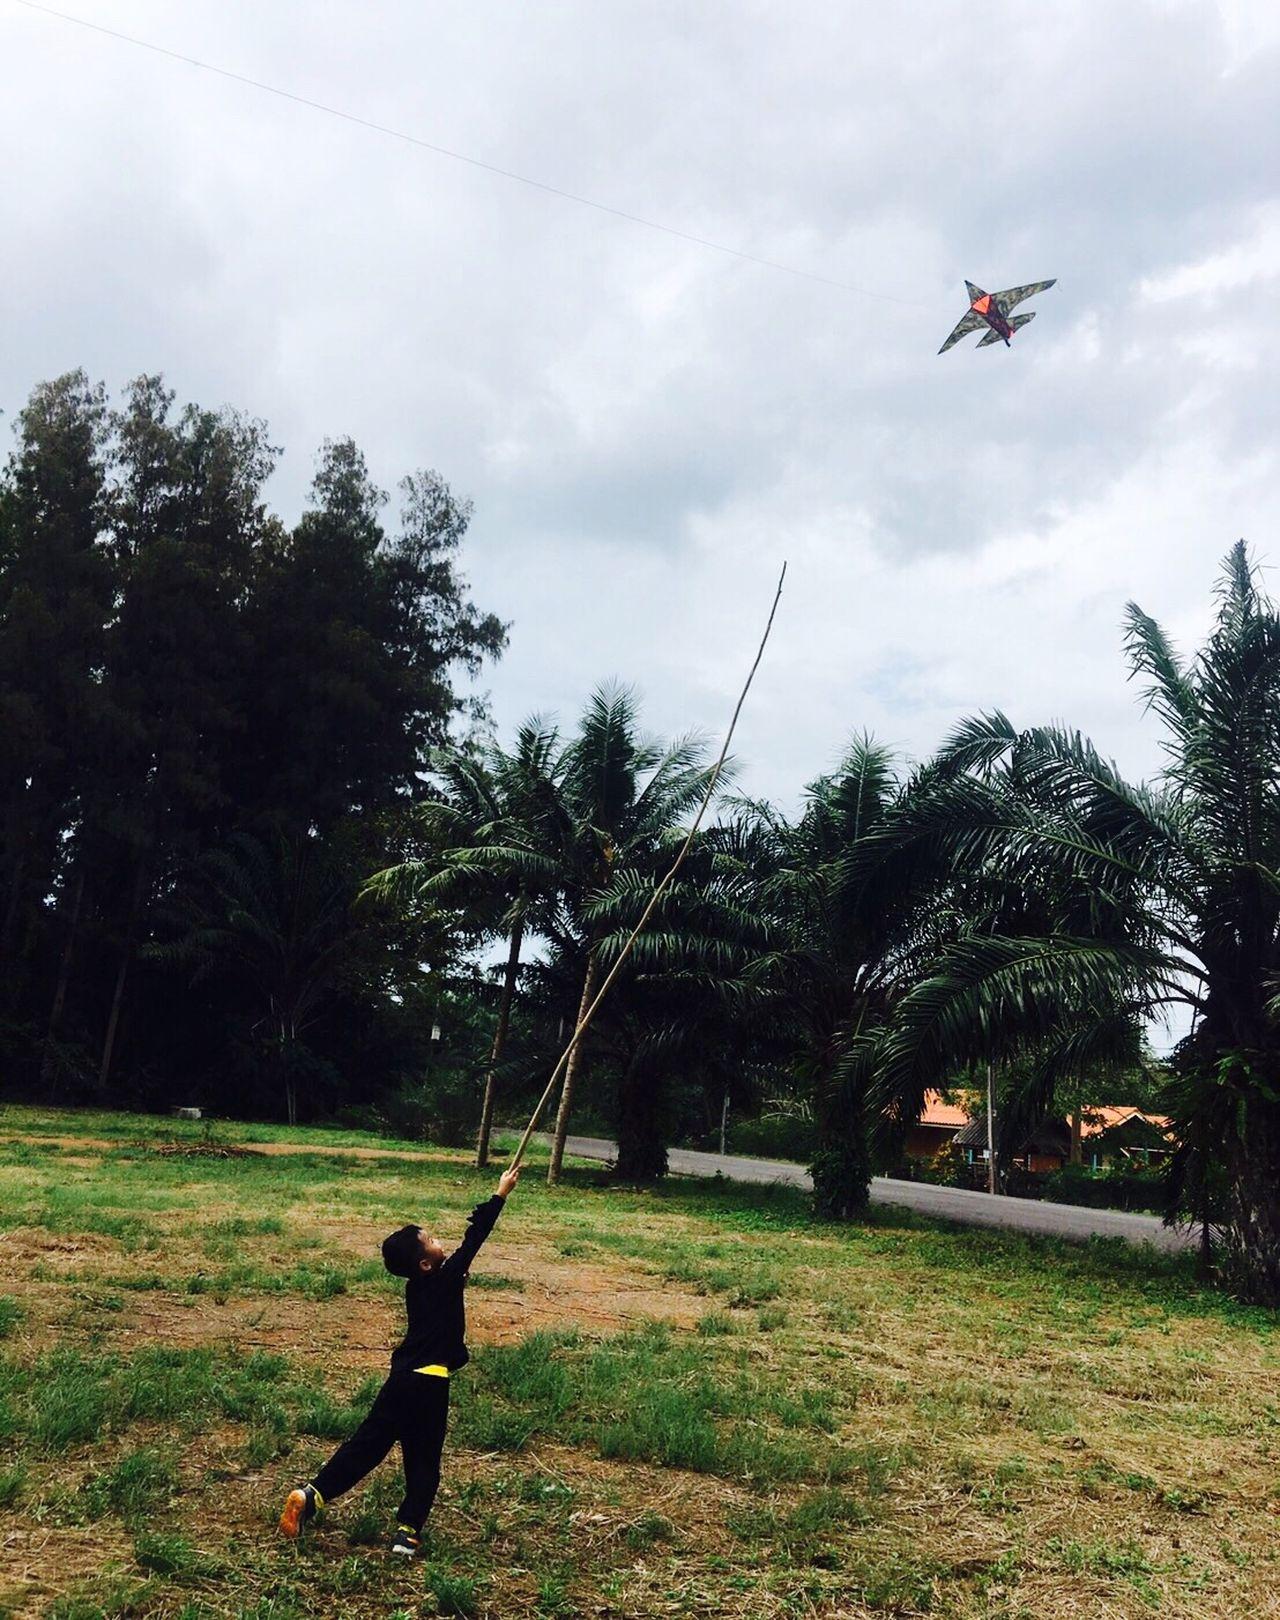 Fly.... First Eyeem Photo Flying High Flying A Kite FlyHigh Kite - Toy Kites On The Beach Kiteflying Boy The Portraitist - 2017 EyeEm Awards